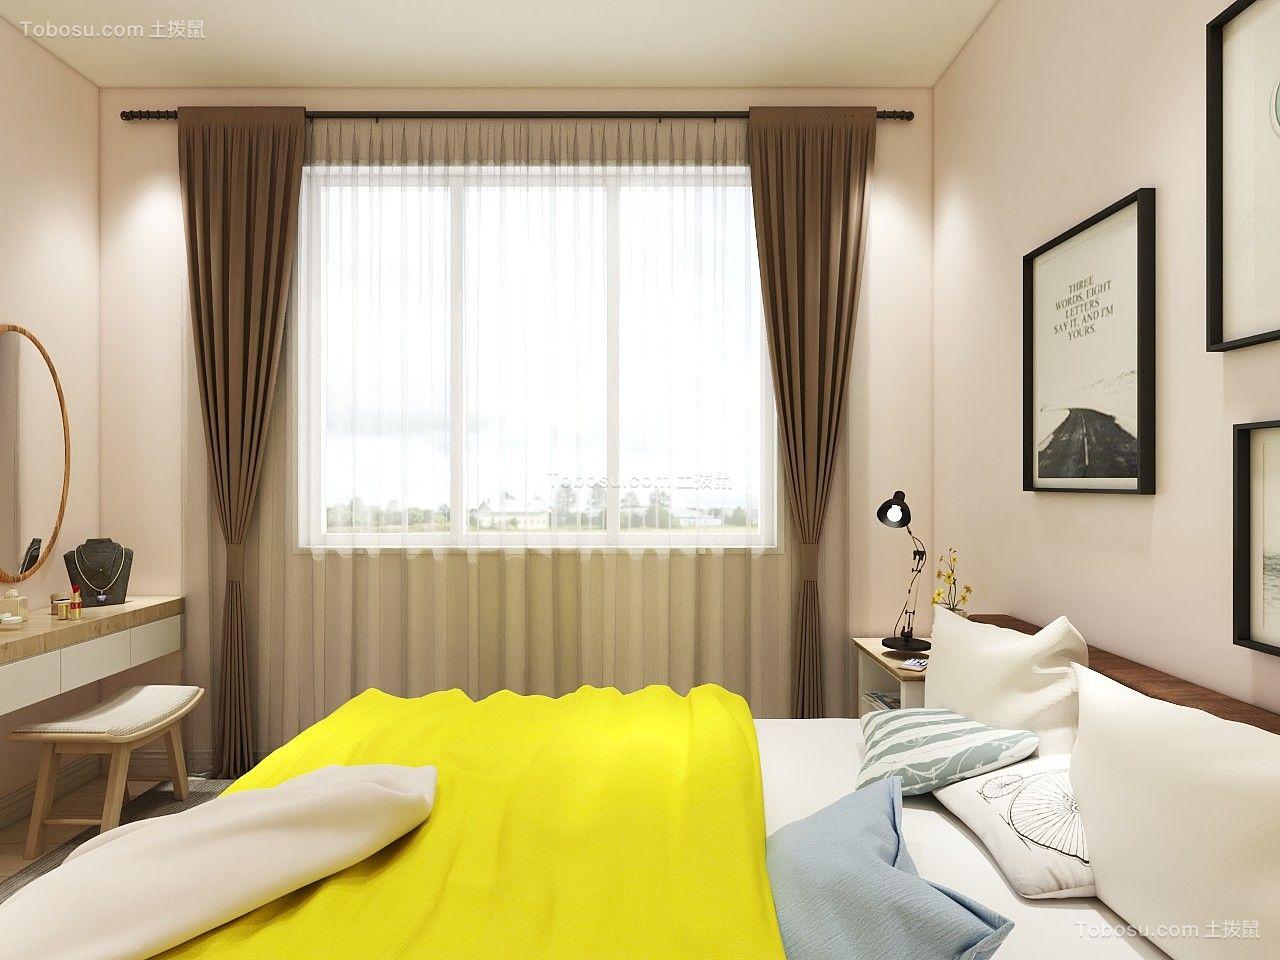 2019北欧卧室装修设计图片 2019北欧窗帘装修设计图片